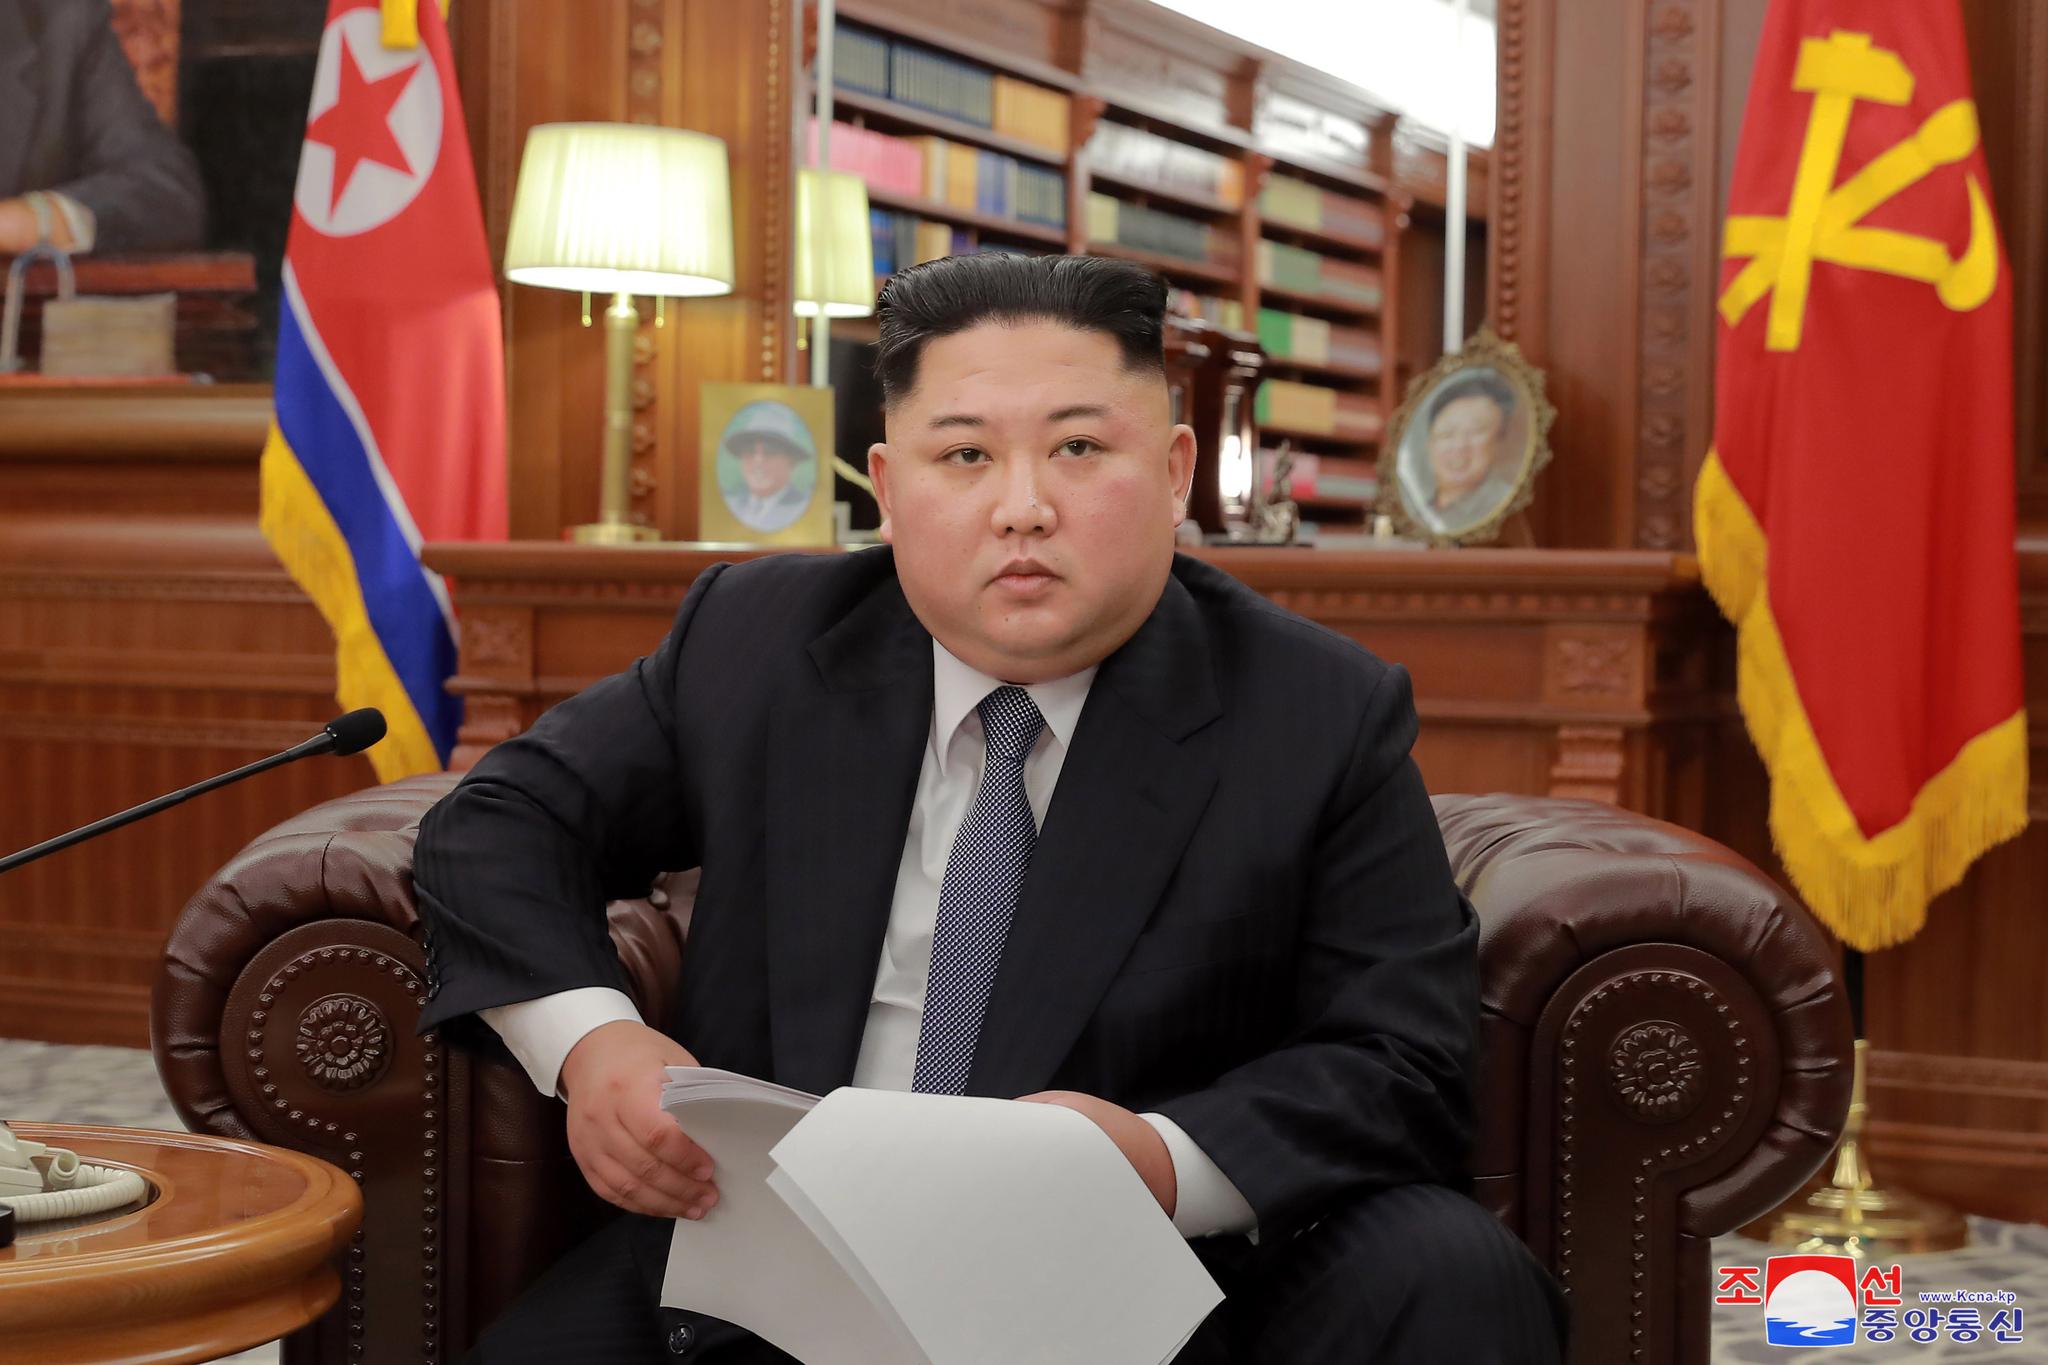 김정은 국무위원장이 노동당 중앙위원회 청사에서 신년사를 발표했다고 조선중앙통신이 1일 보도했다. [조선중앙통신]